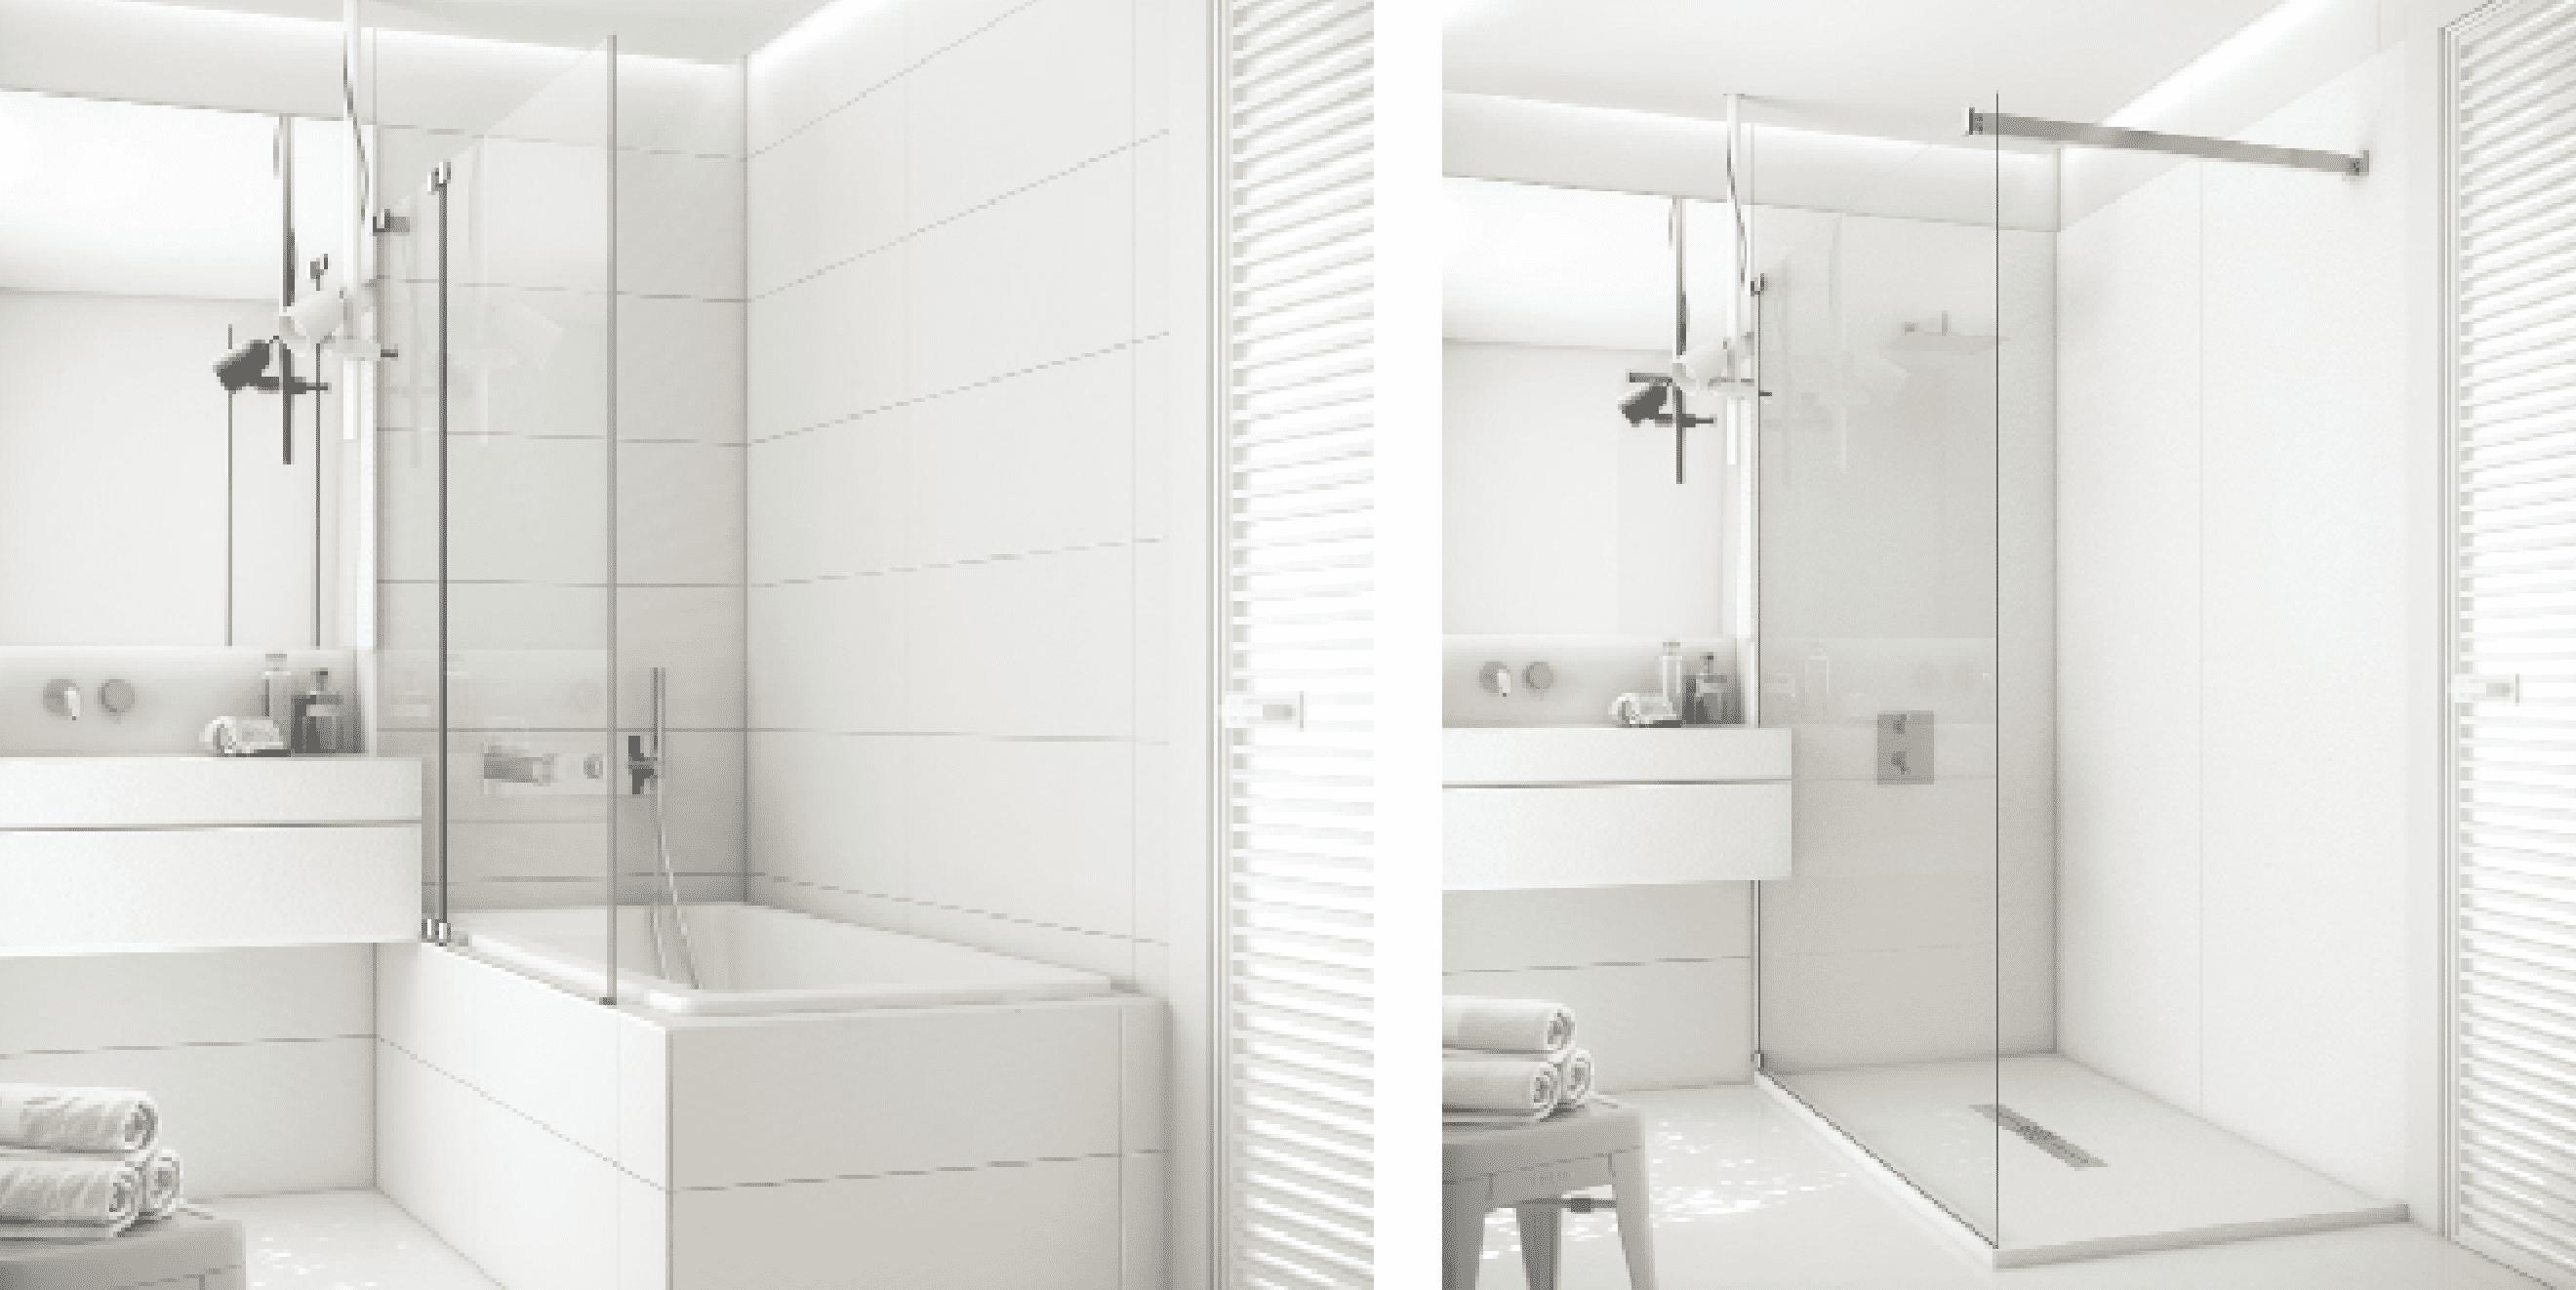 Soluzioni Per Trasformare Piu Facilmente La Vasca In Doccia Cose Di Casa